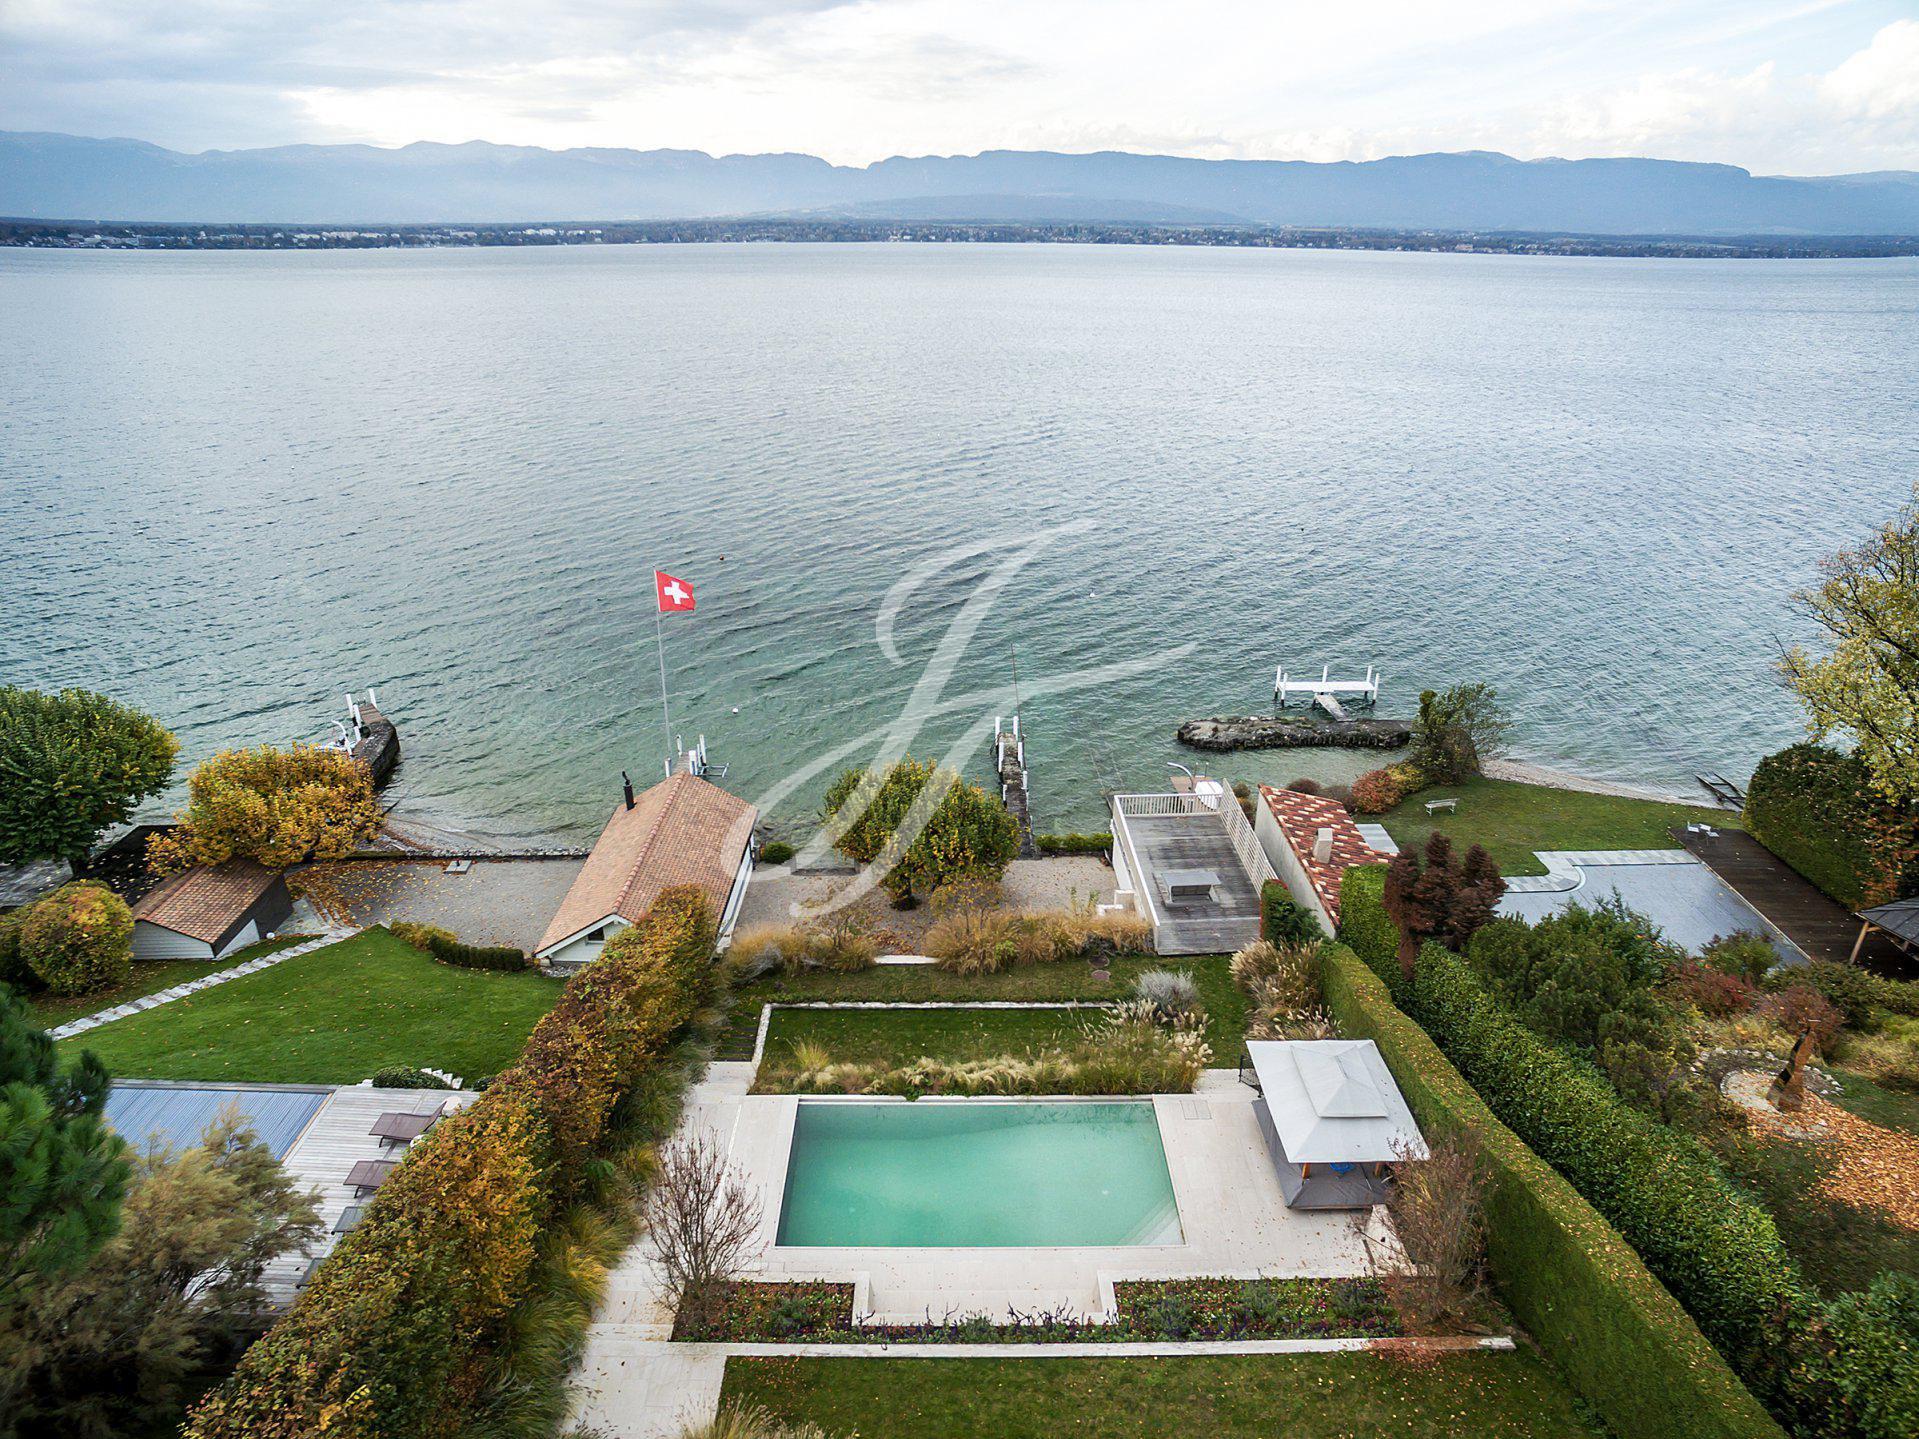 Maison de Luxe à vendre à Genève Rive Gauche, Anières, Suisse |John Taylor Switzerland | FINEST RESIDENCES